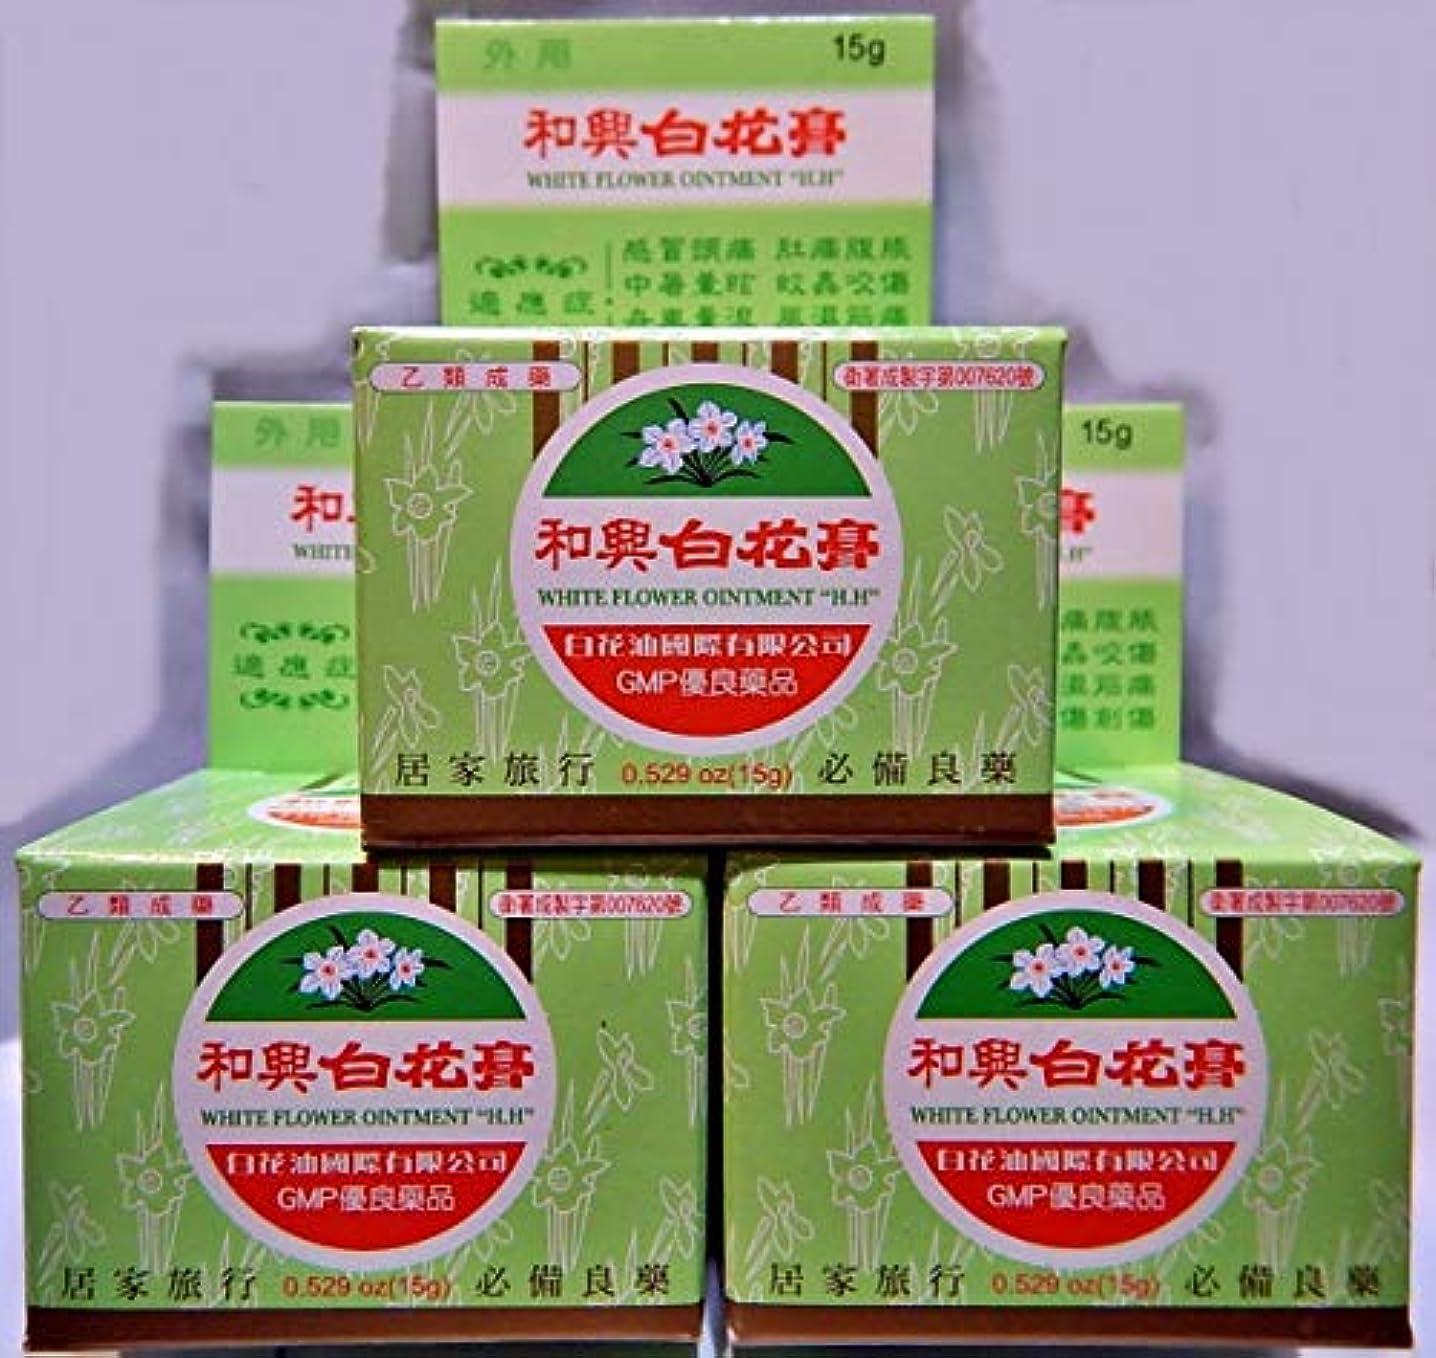 アジテーションドーム高齢者《和興》白花膏 15g(白花油軟膏タイプ)× 3個《台湾 お土産》 [並行輸入品]